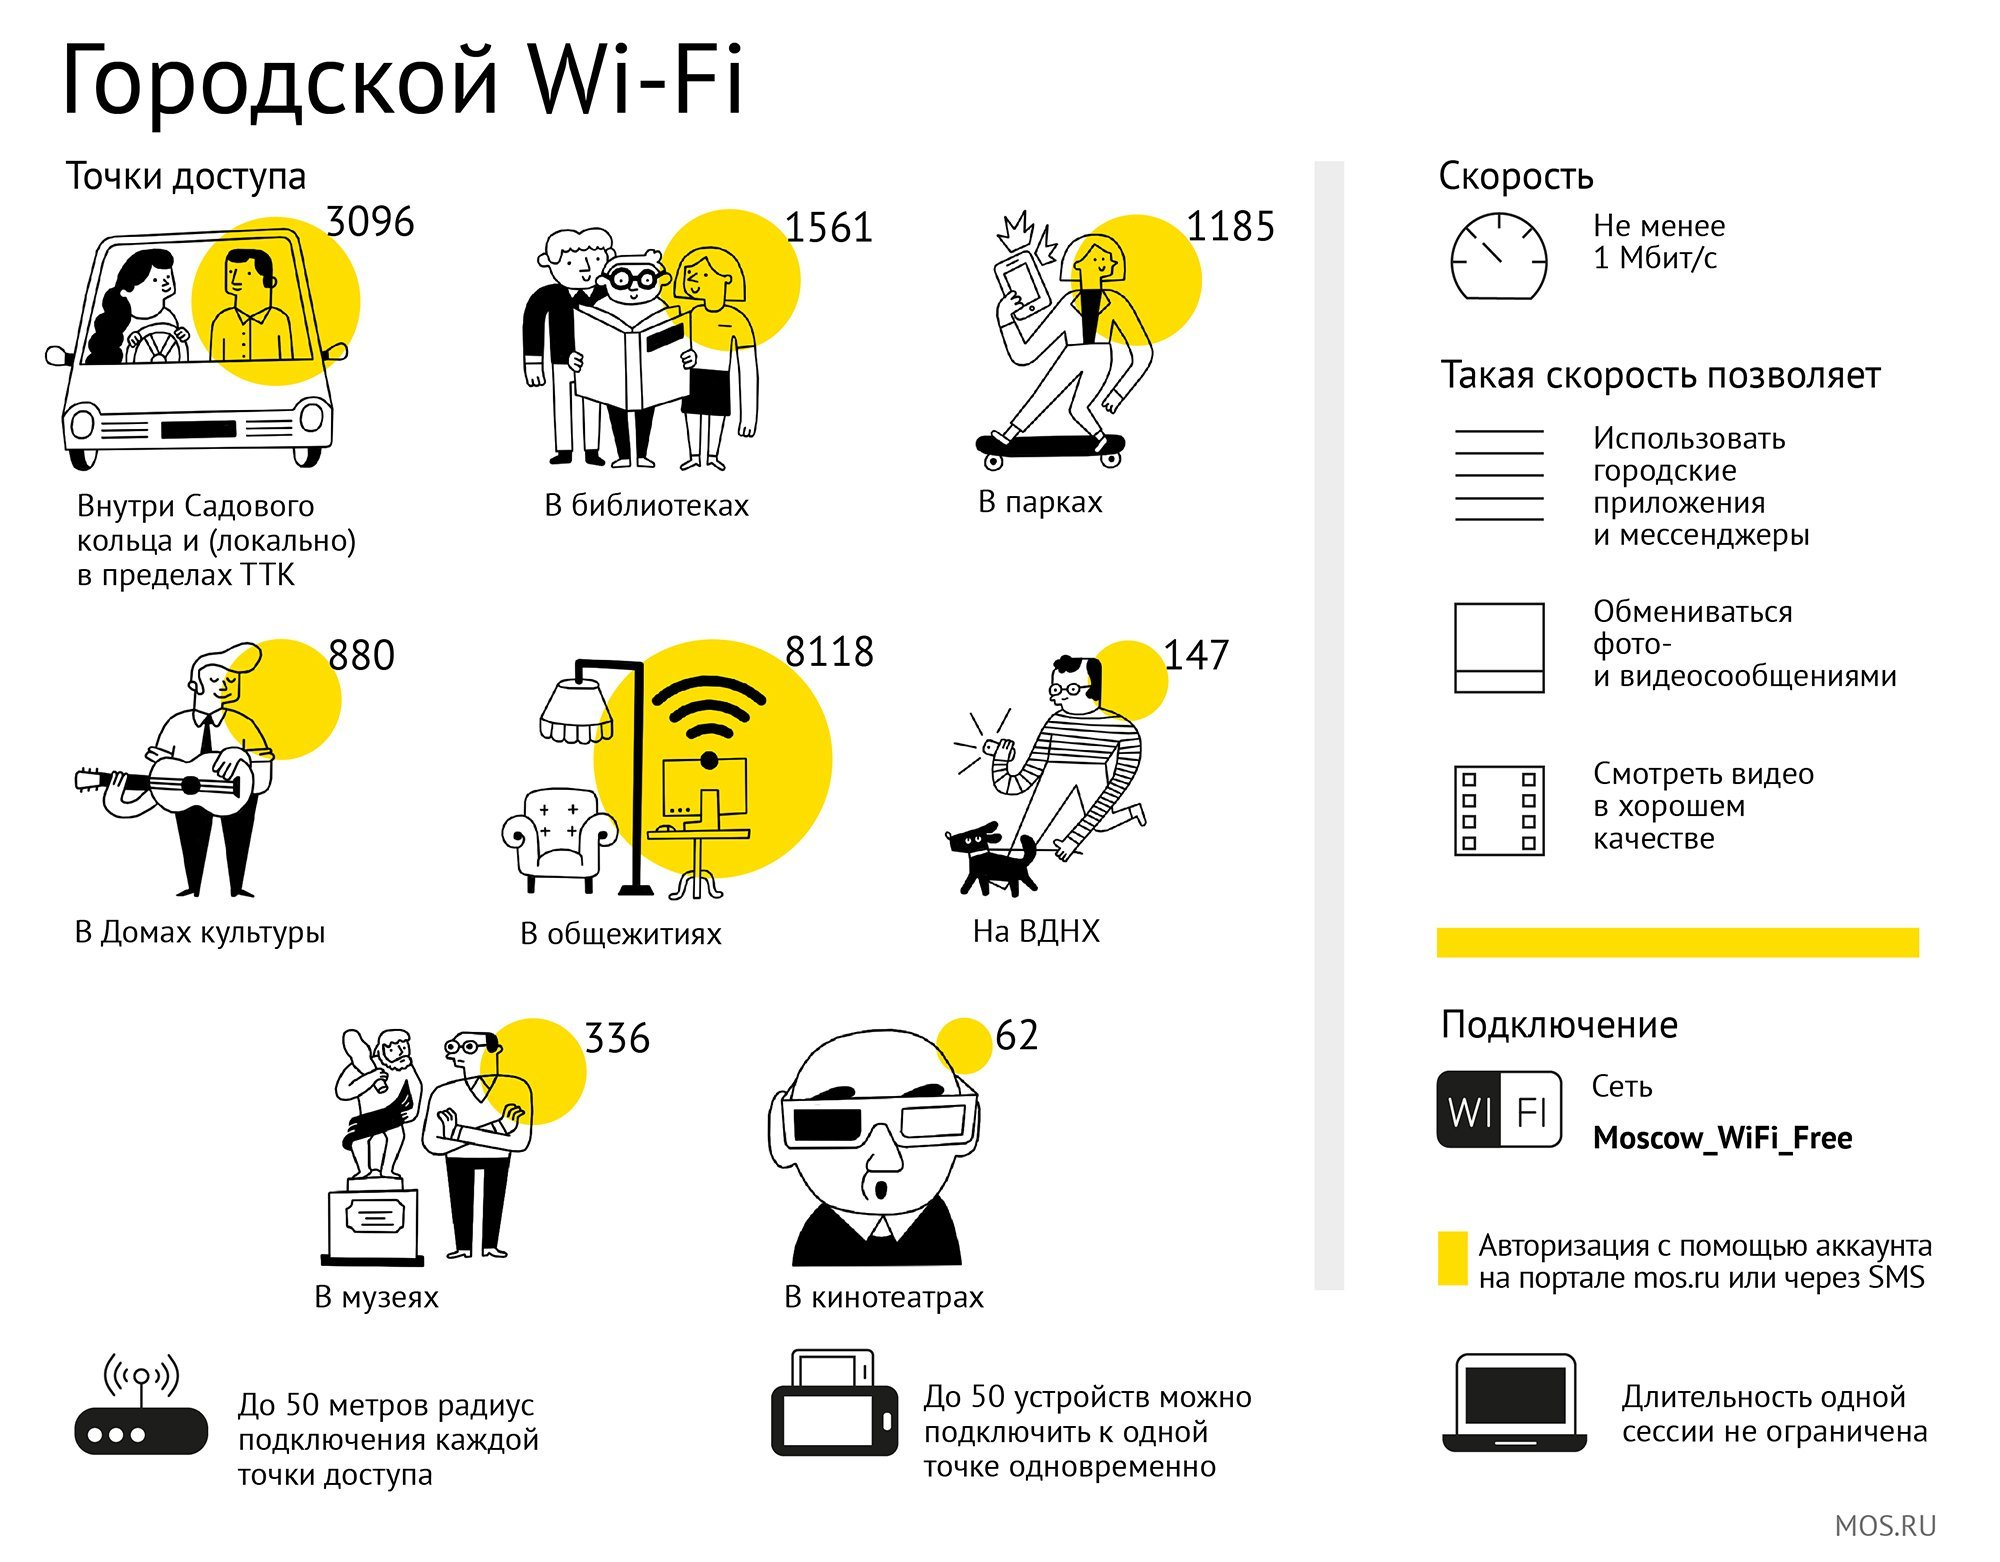 Более 300 московских библиотек подключили к бесплатному Wi-Fi